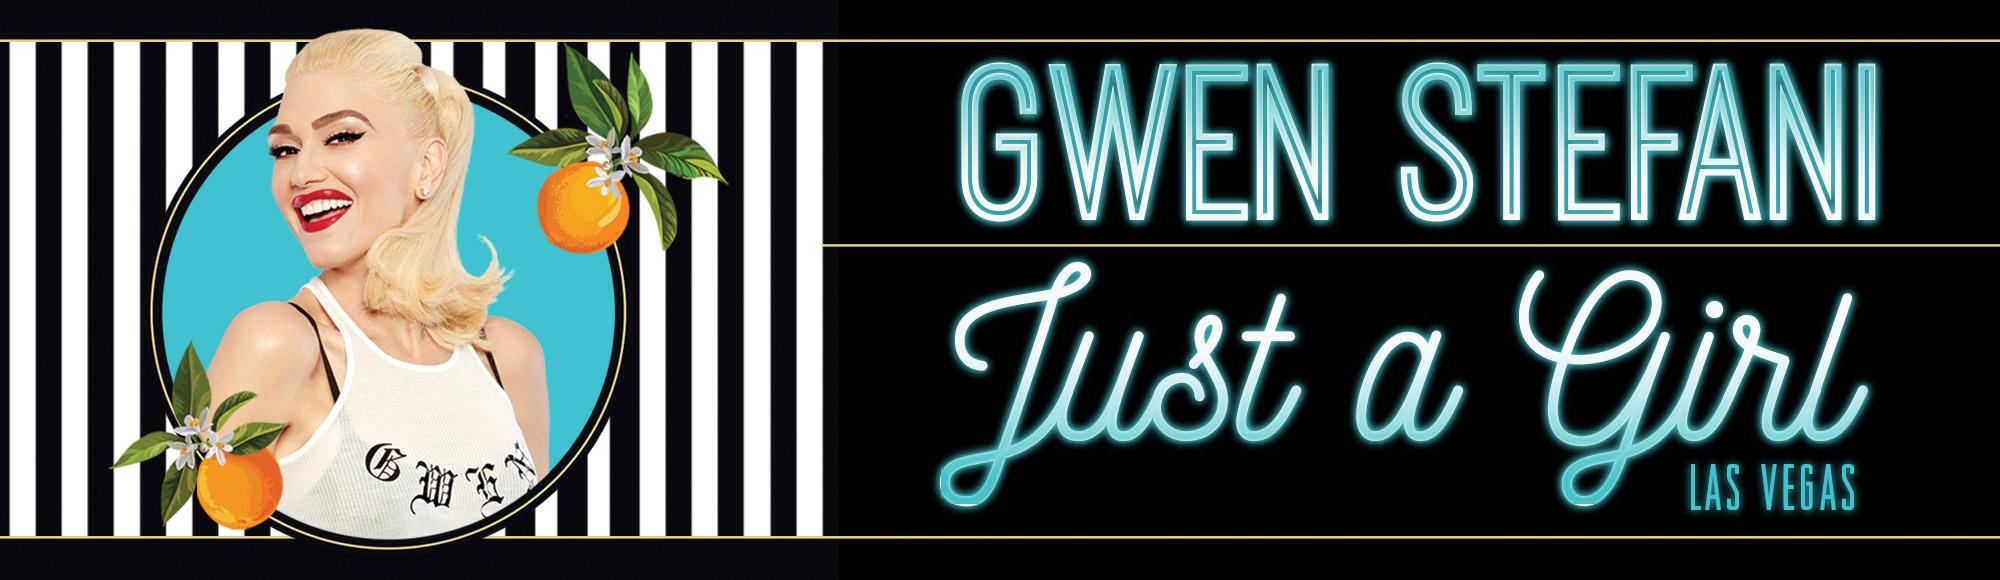 Gwen Stefani: Just A Girl show